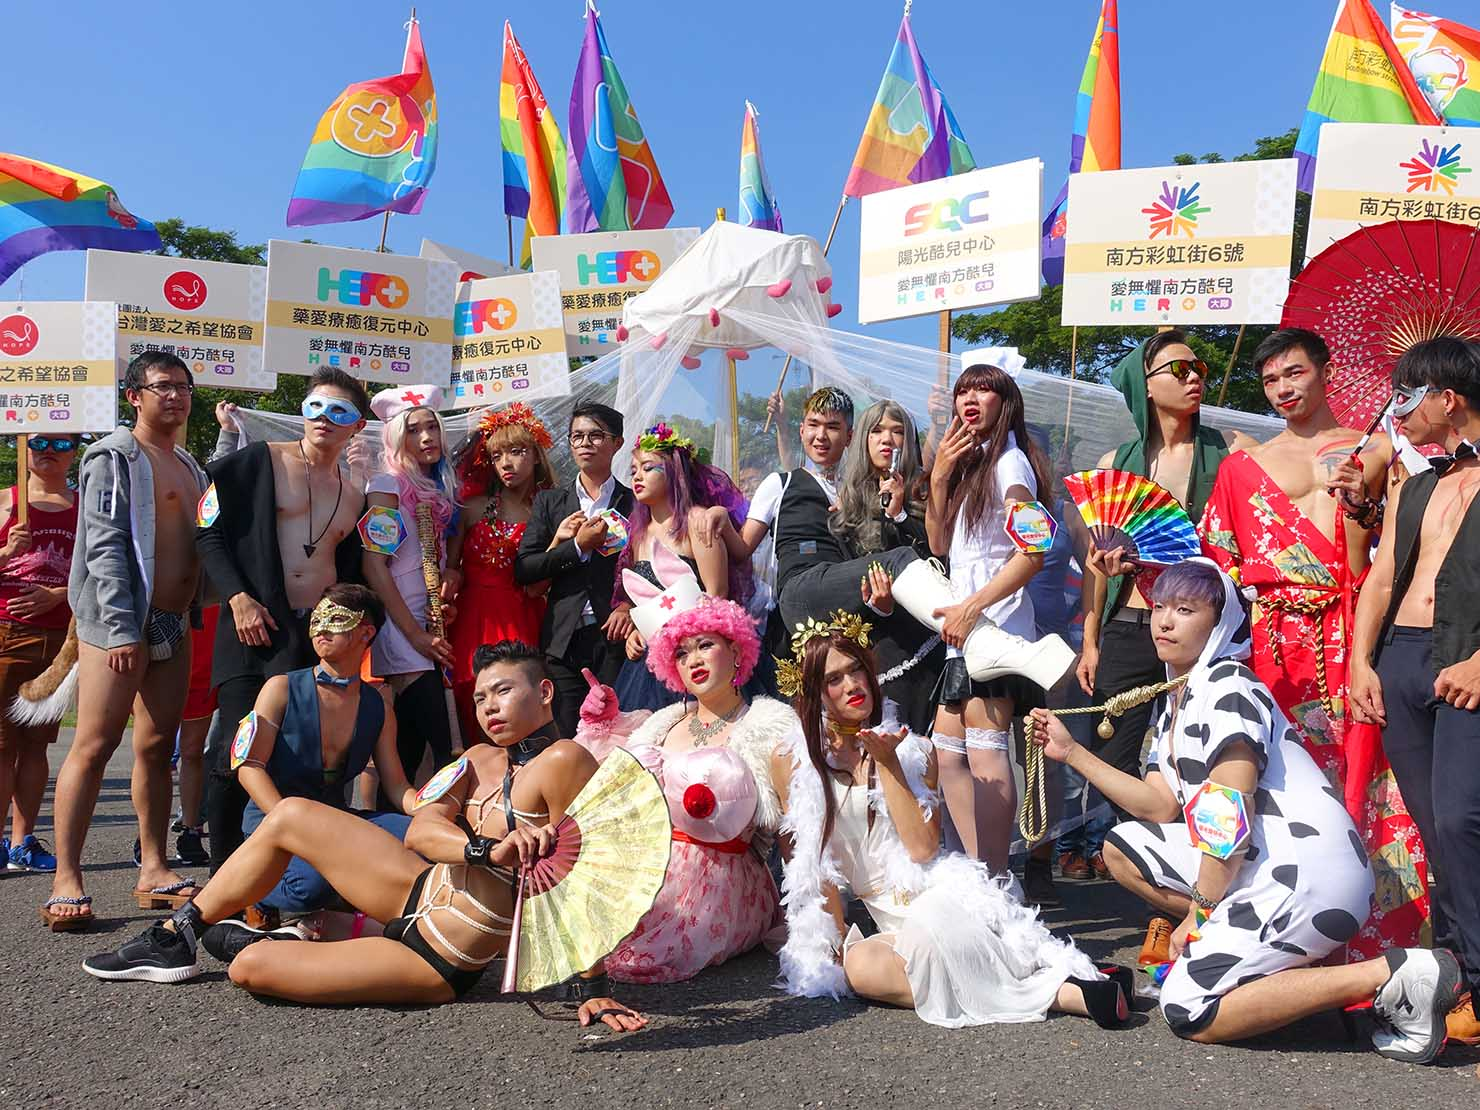 高雄同志大遊行(高雄レインボーパレード)2017で写真撮影に応じるグループ